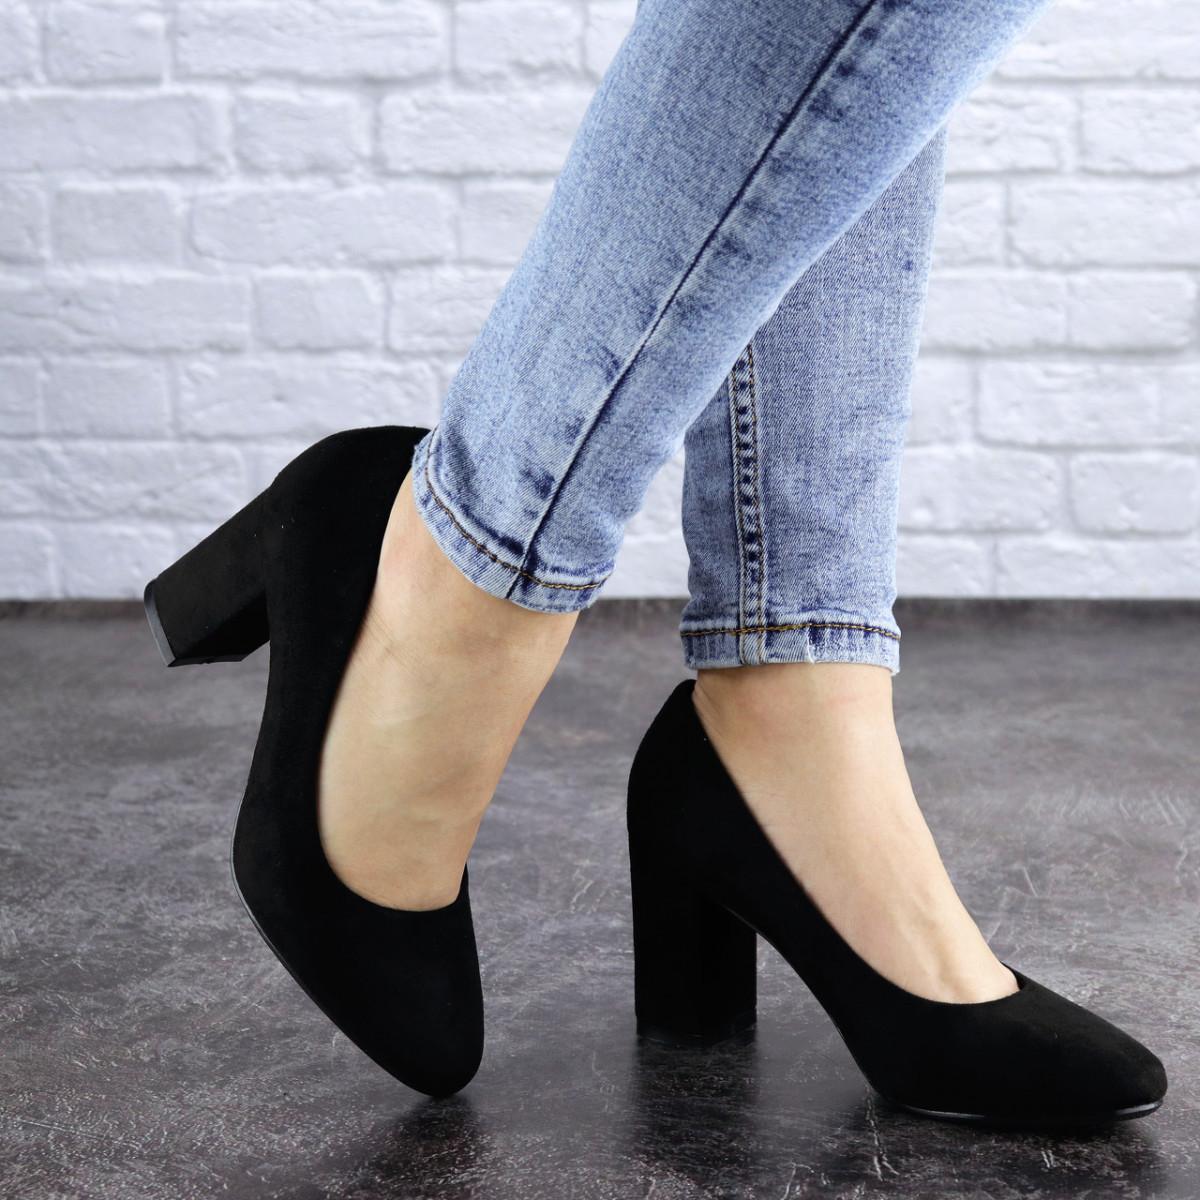 Жіночі туфлі на підборах Fashion Gertie 1983 36 розмір, 23,5 см Чорний